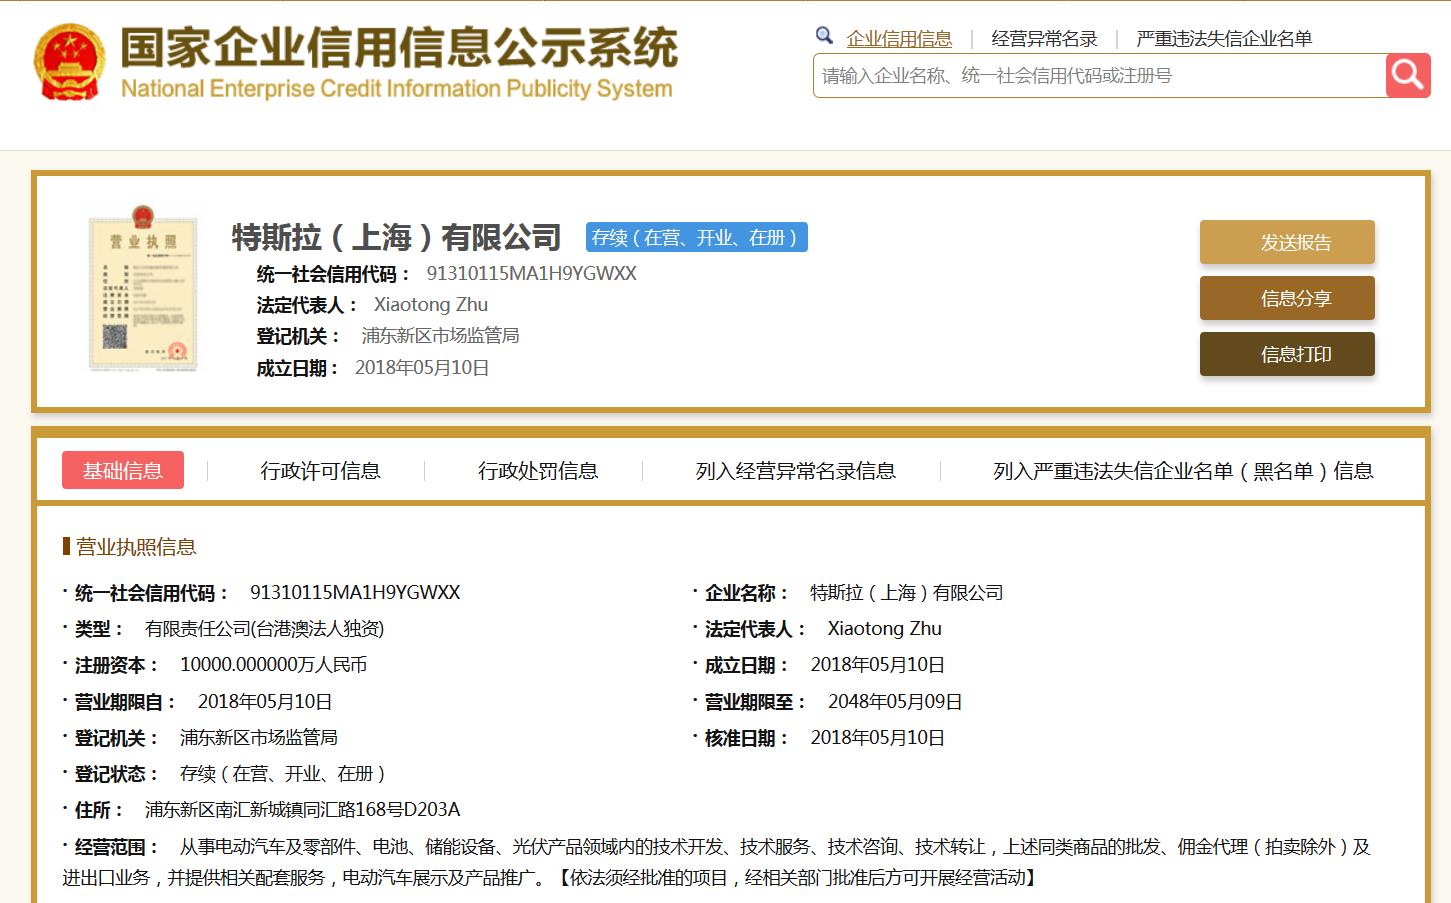 特斯拉于上海成立独资公司 注册资本1亿元